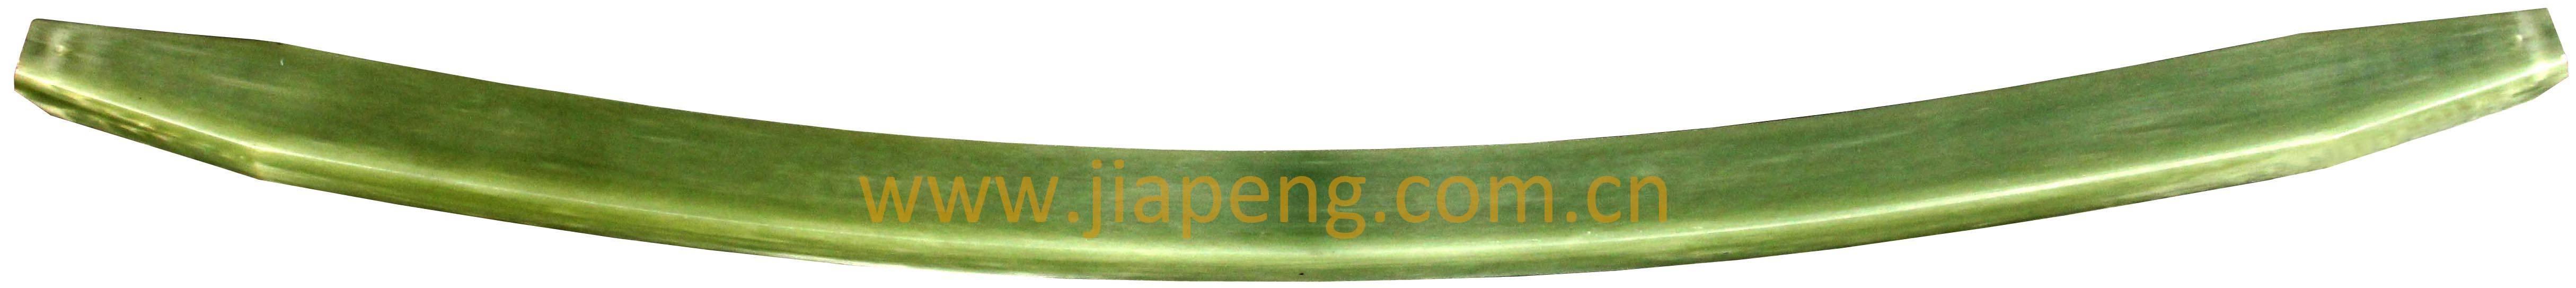 composite leaf spring for mercedes benze sprinter vw crafter 9063211003 9063210903 9063211403 906321